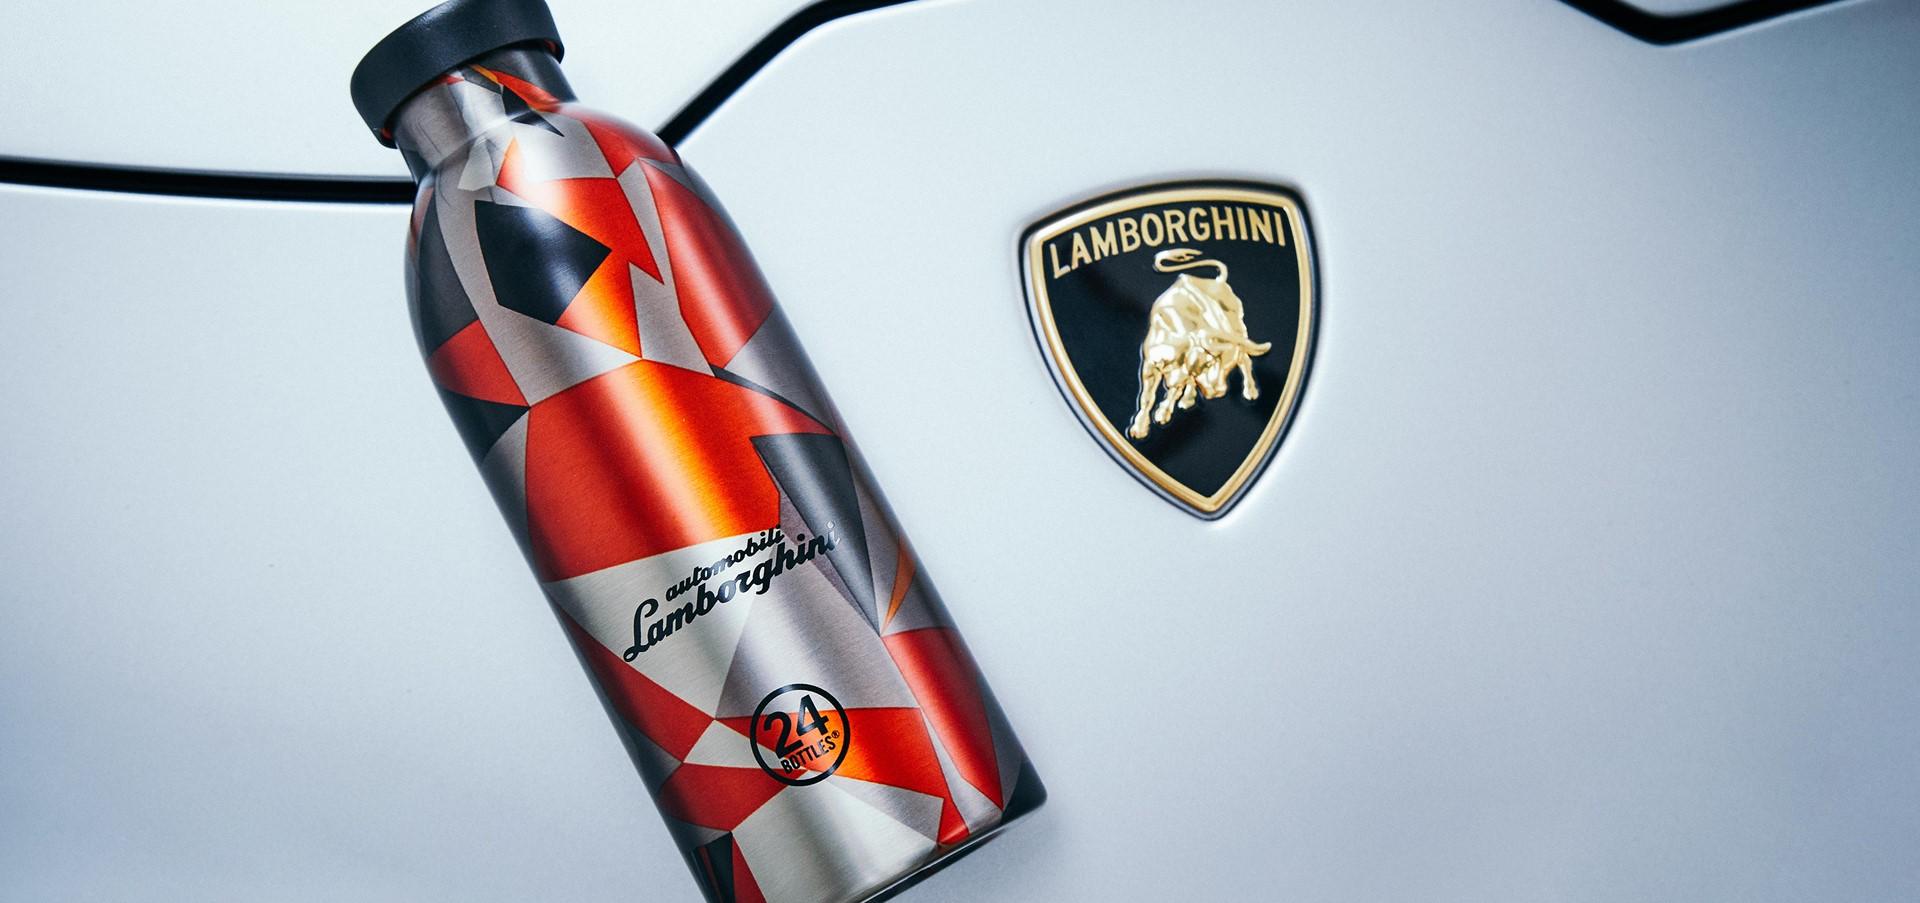 Automobili Lamborghini e 24Bottles presentano l'esclusiva..